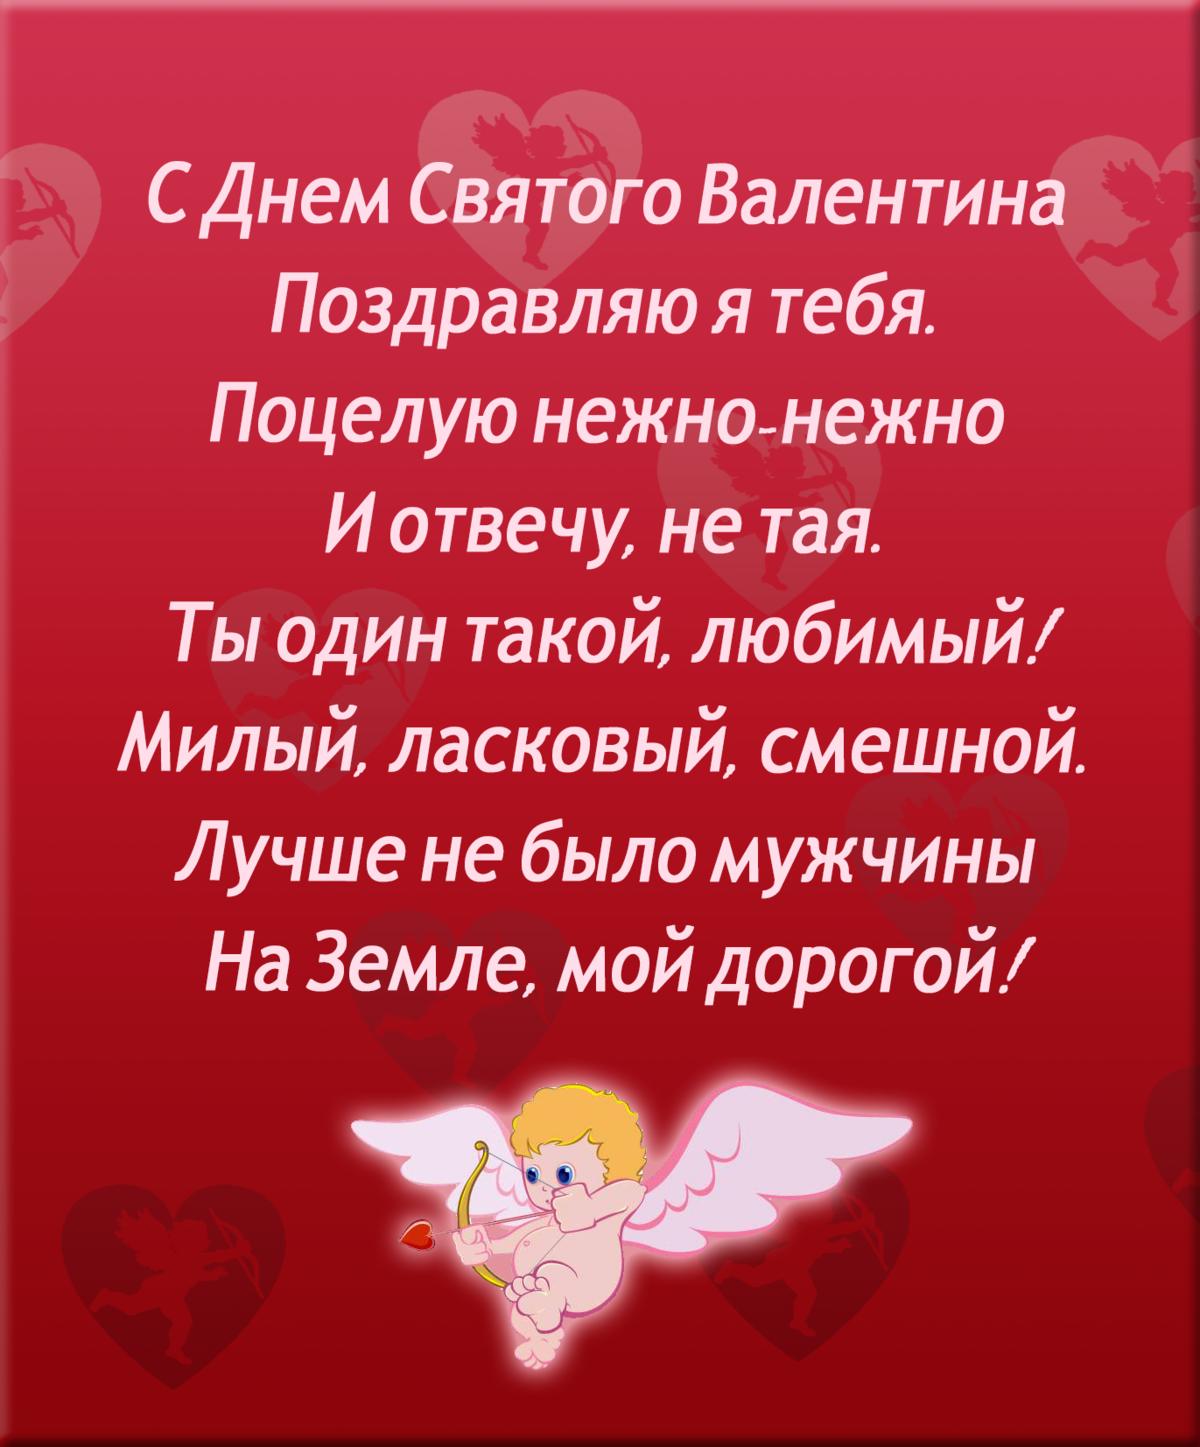 поздравление любимому на святого валентина выложить